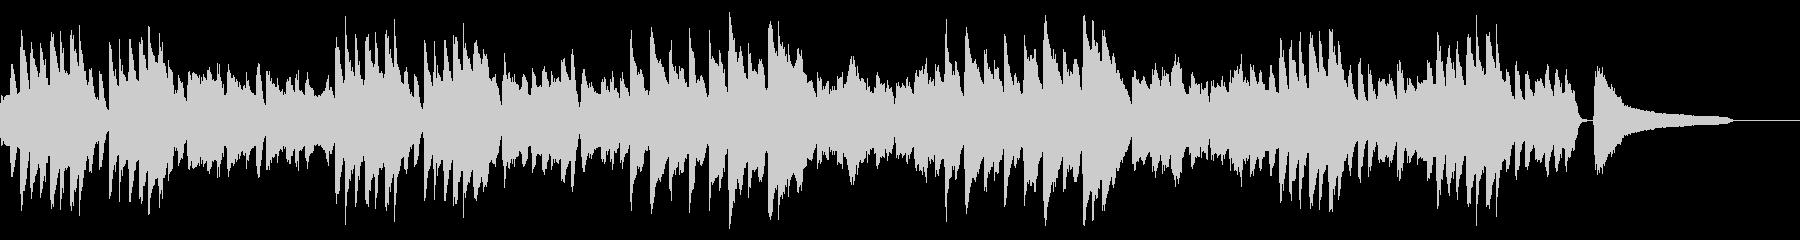 SNS広告 ピアノメイン ほのぼのの未再生の波形